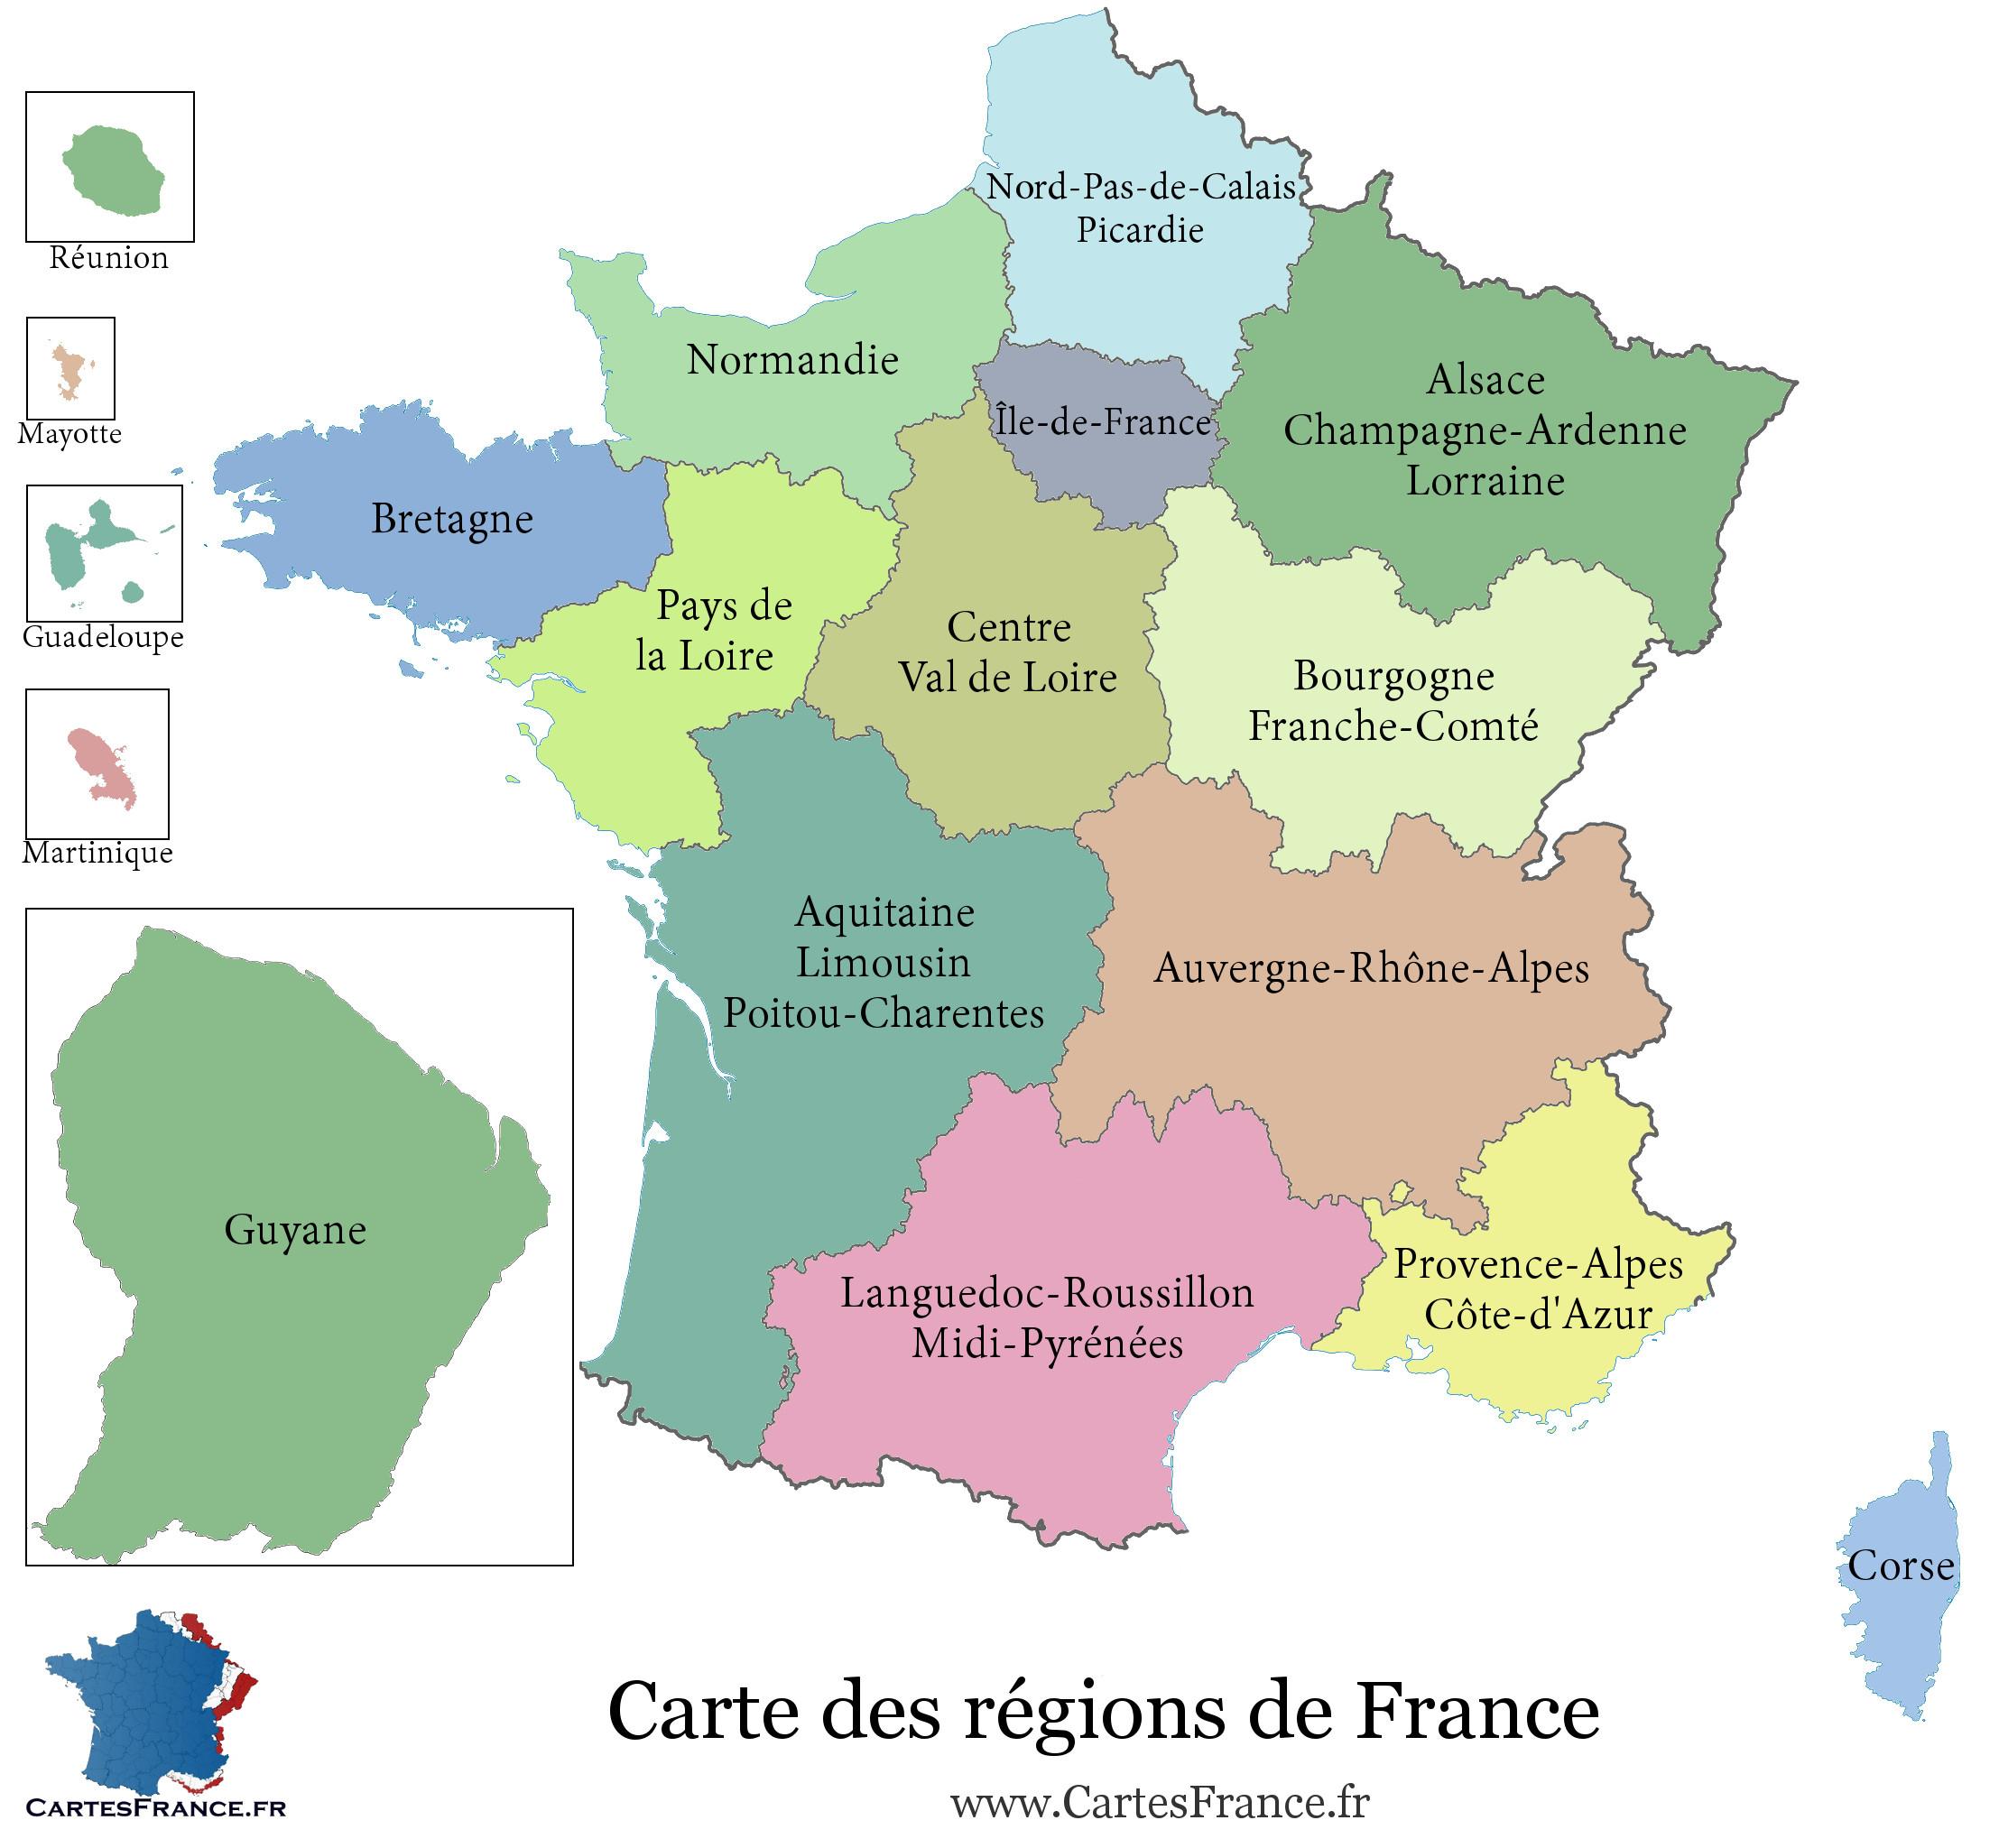 Carte De France Region - Carte Des Régions Françaises tout Carte Anciennes Provinces Françaises